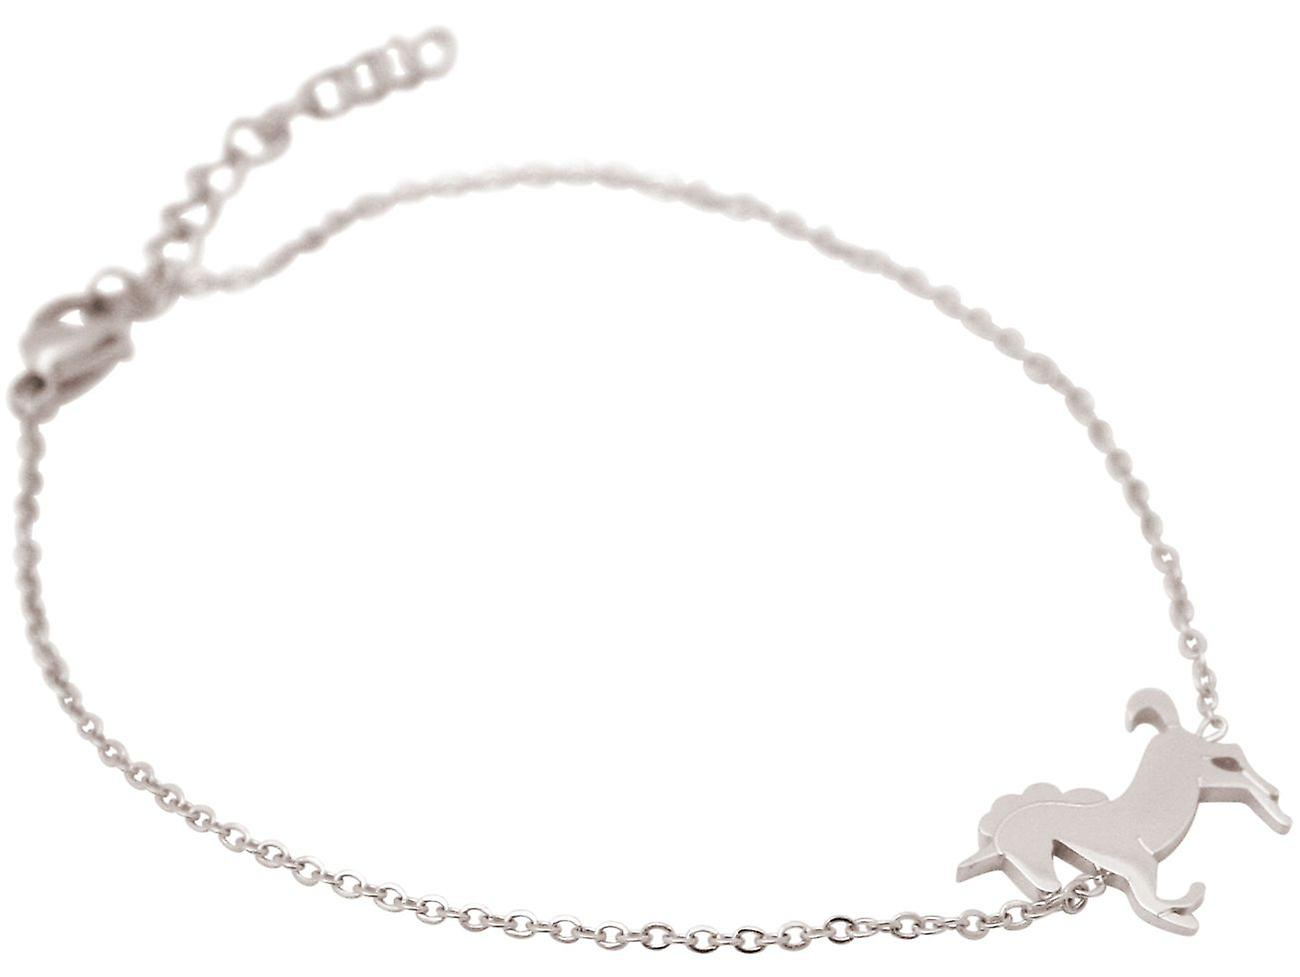 GEMSHINE Damen oder Mädchenarmband, vestellbar EINHORN Silber, vergoldet, rose